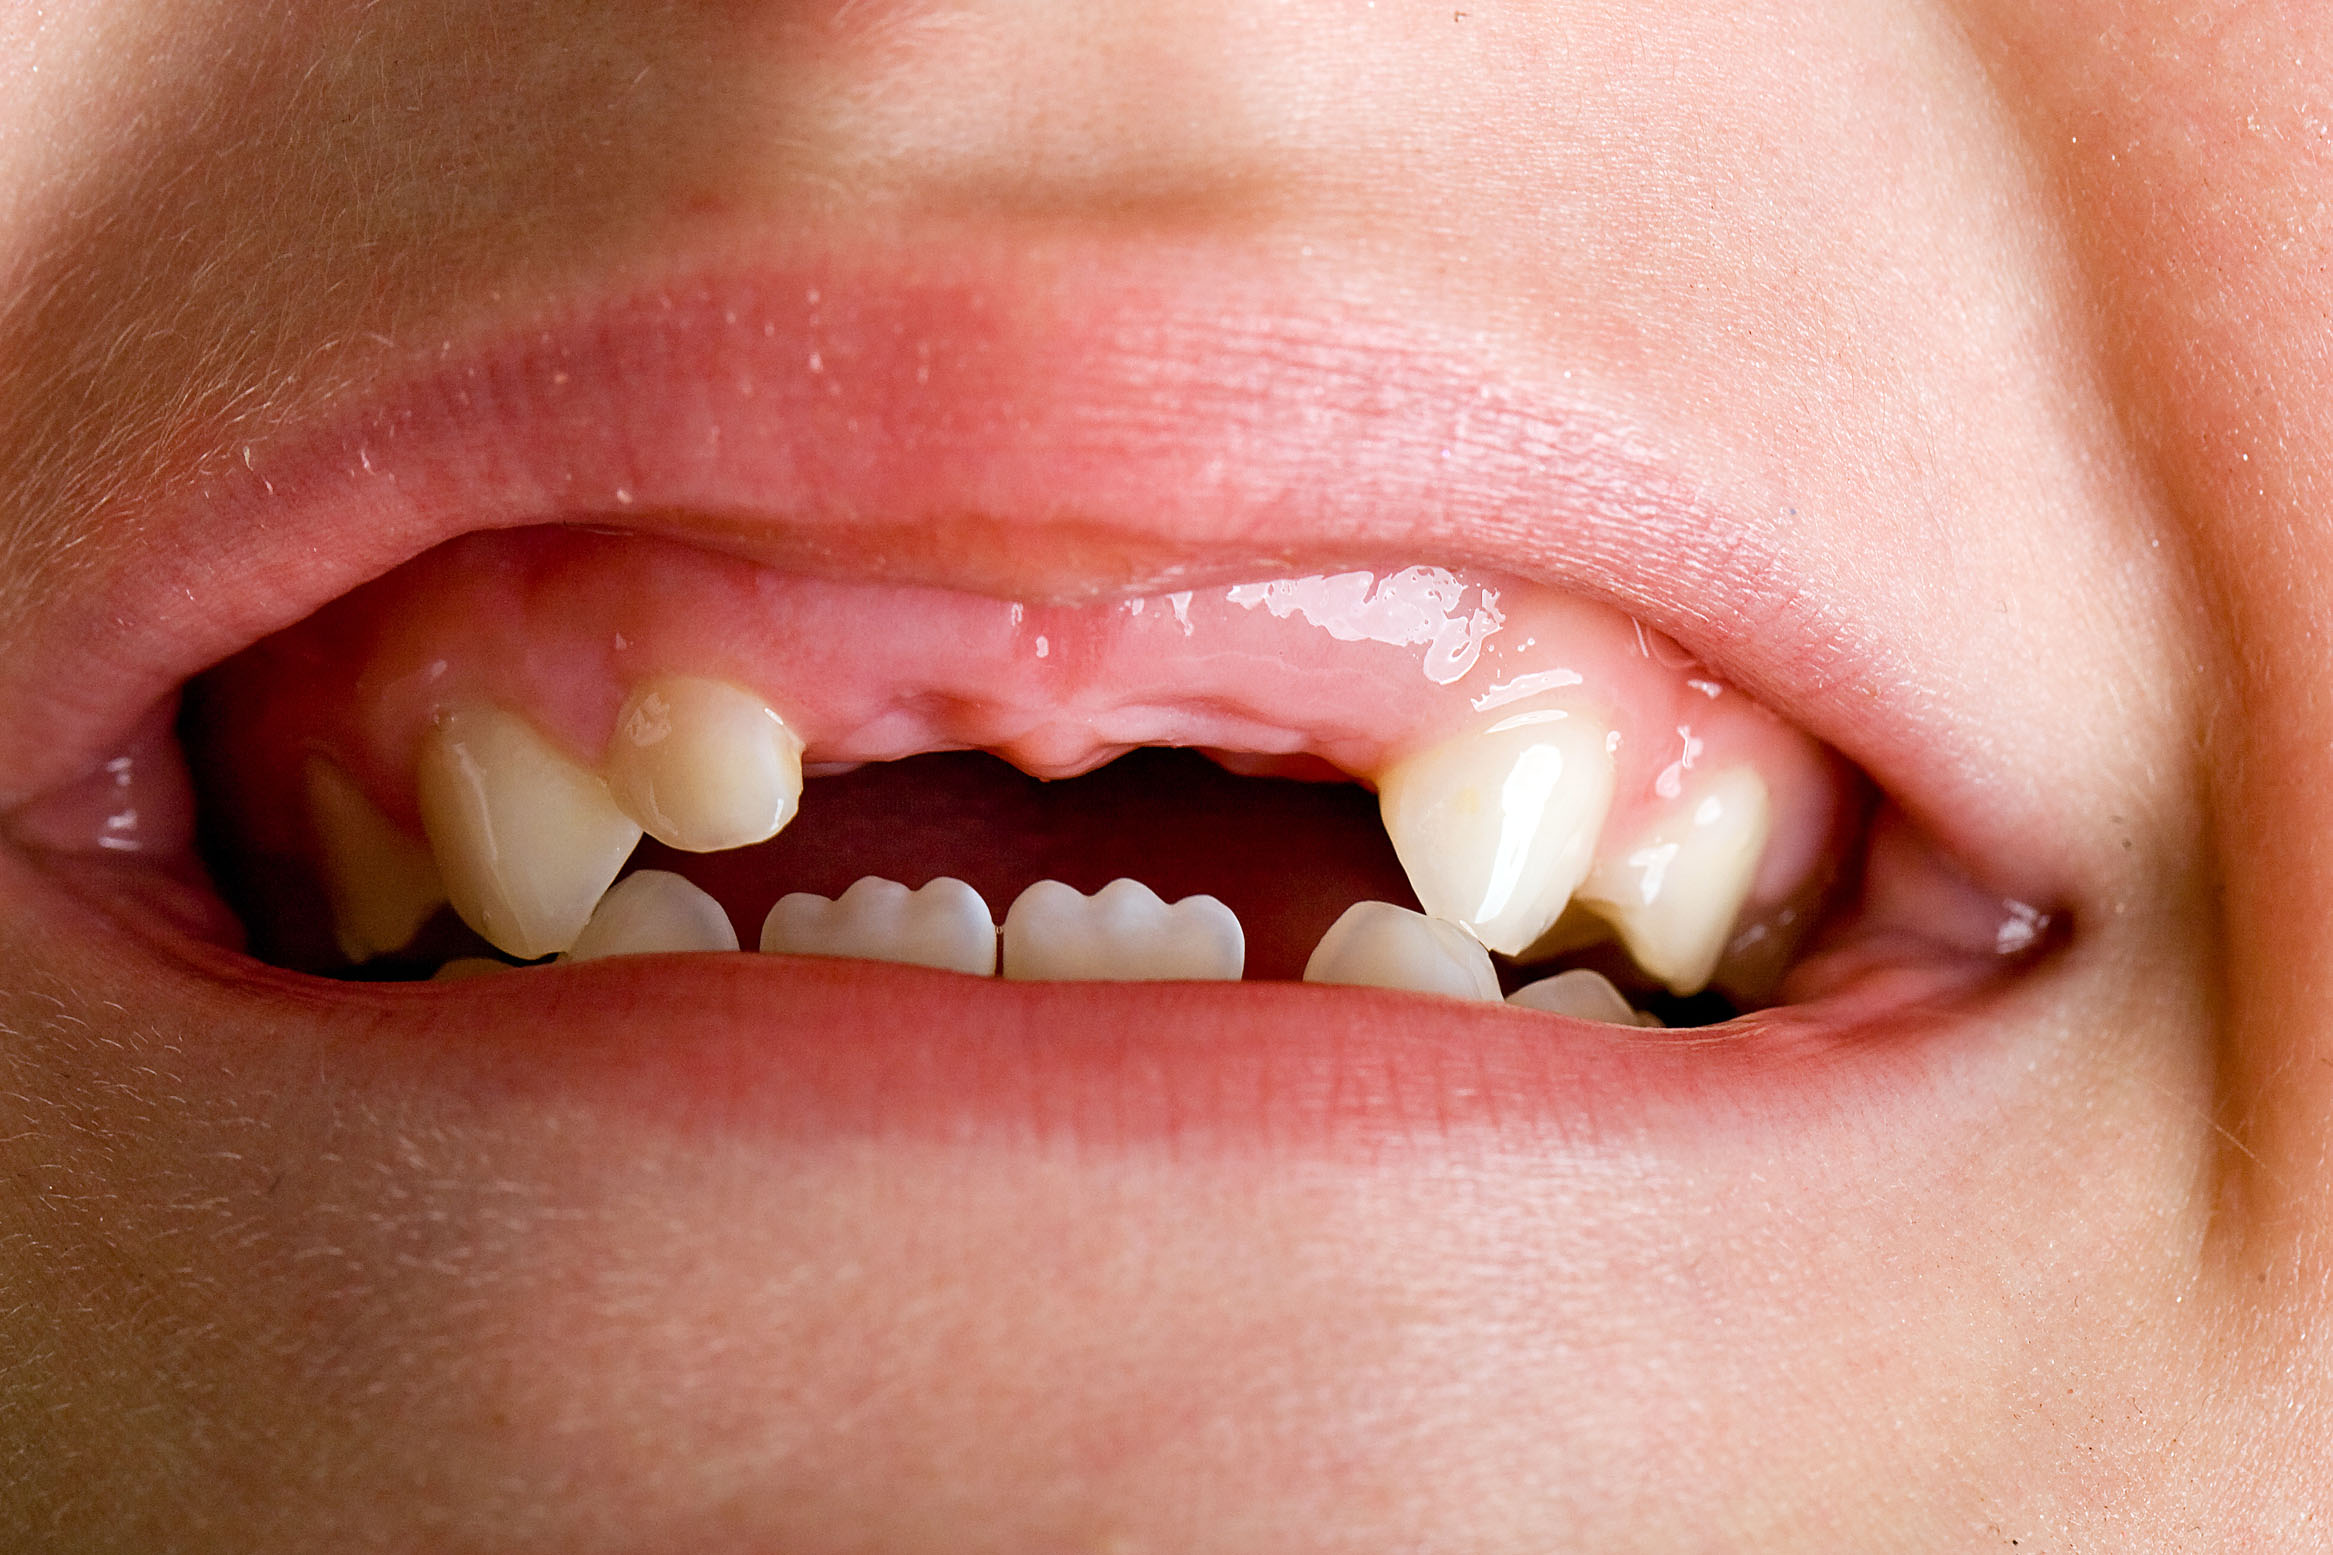 красивые зубы у детей фото сыпи